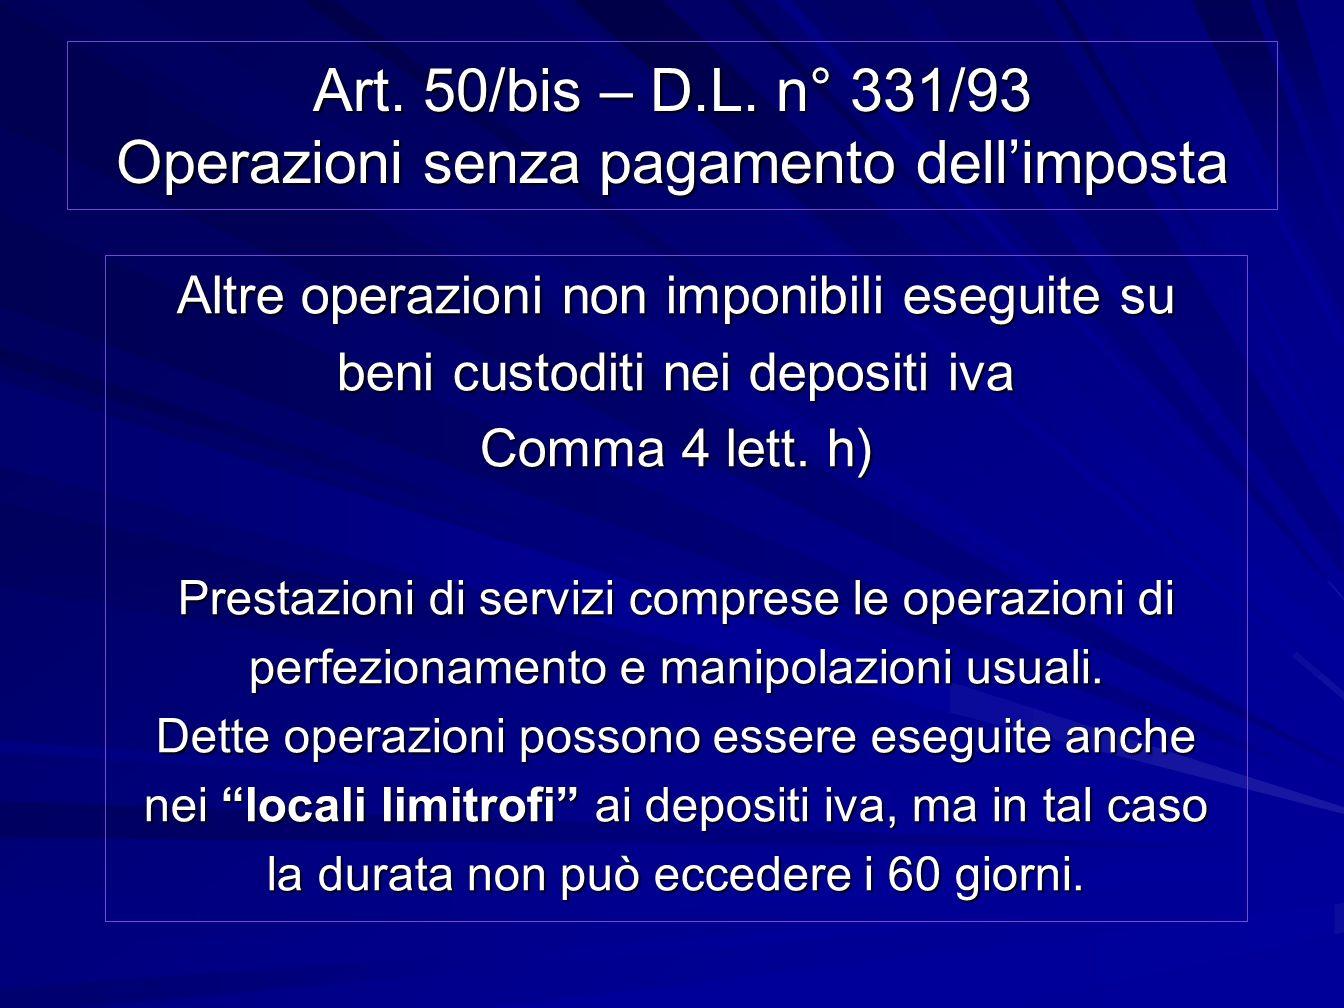 Art. 50/bis – D.L. n° 331/93 Operazioni senza pagamento dellimposta Altre operazioni non imponibili eseguite su beni custoditi nei depositi iva Comma